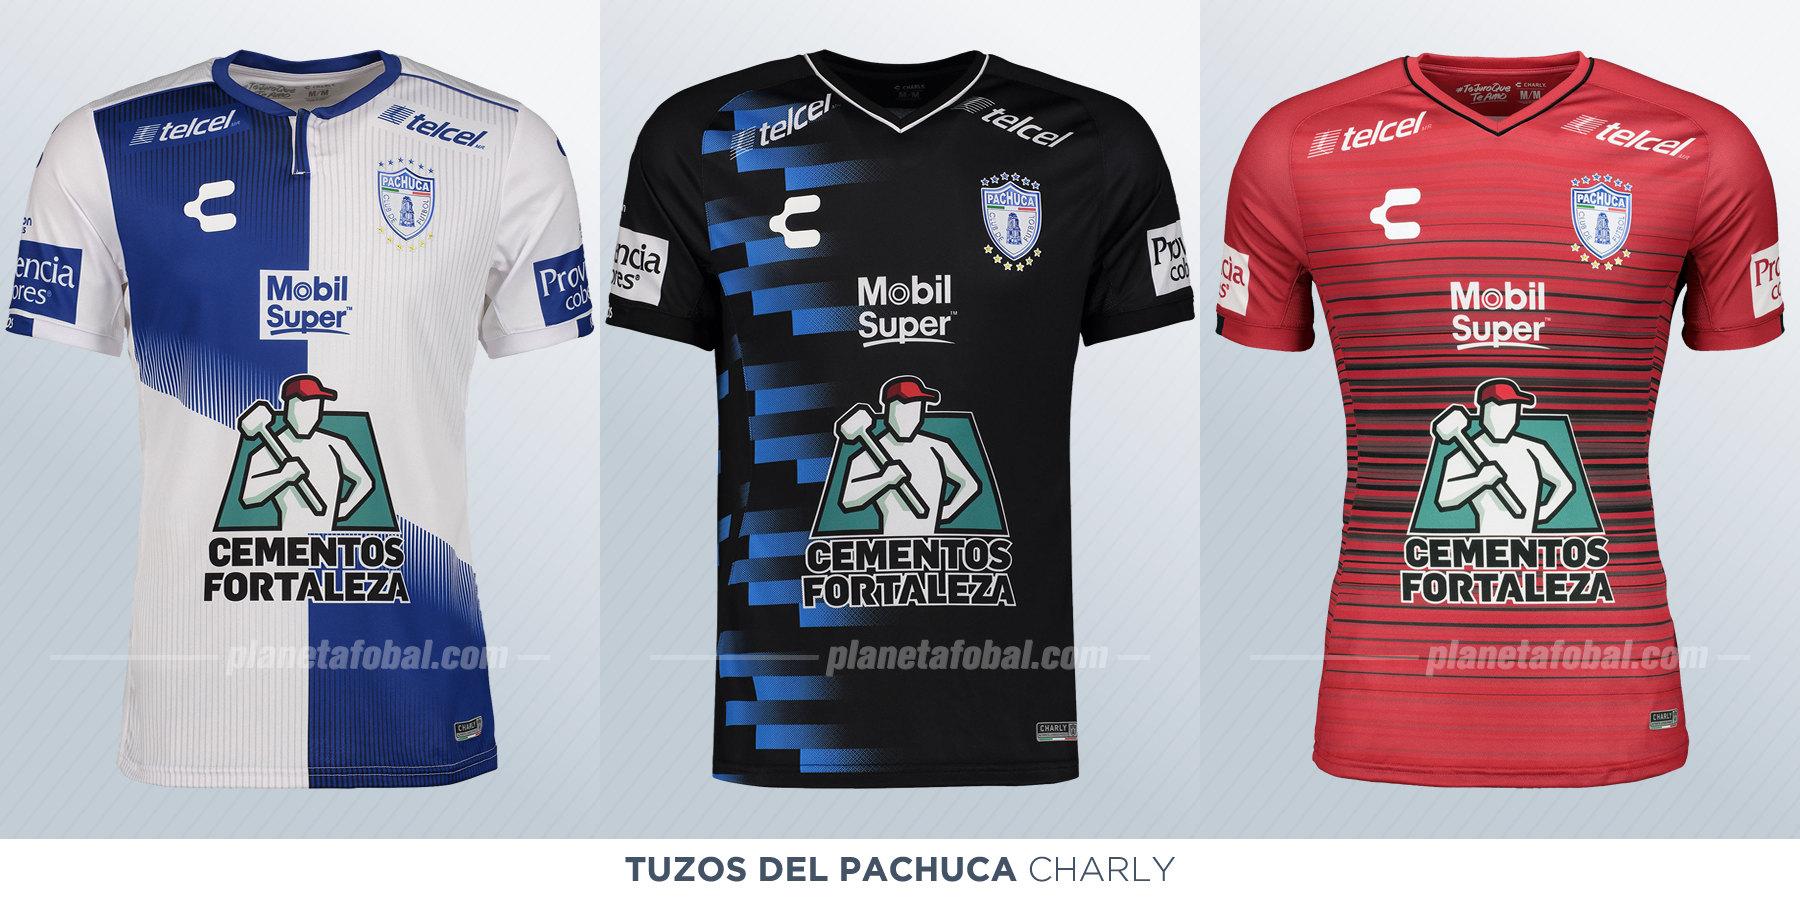 219e8f8982b3a Camisetas de la Liga Mexicana 2018 2019